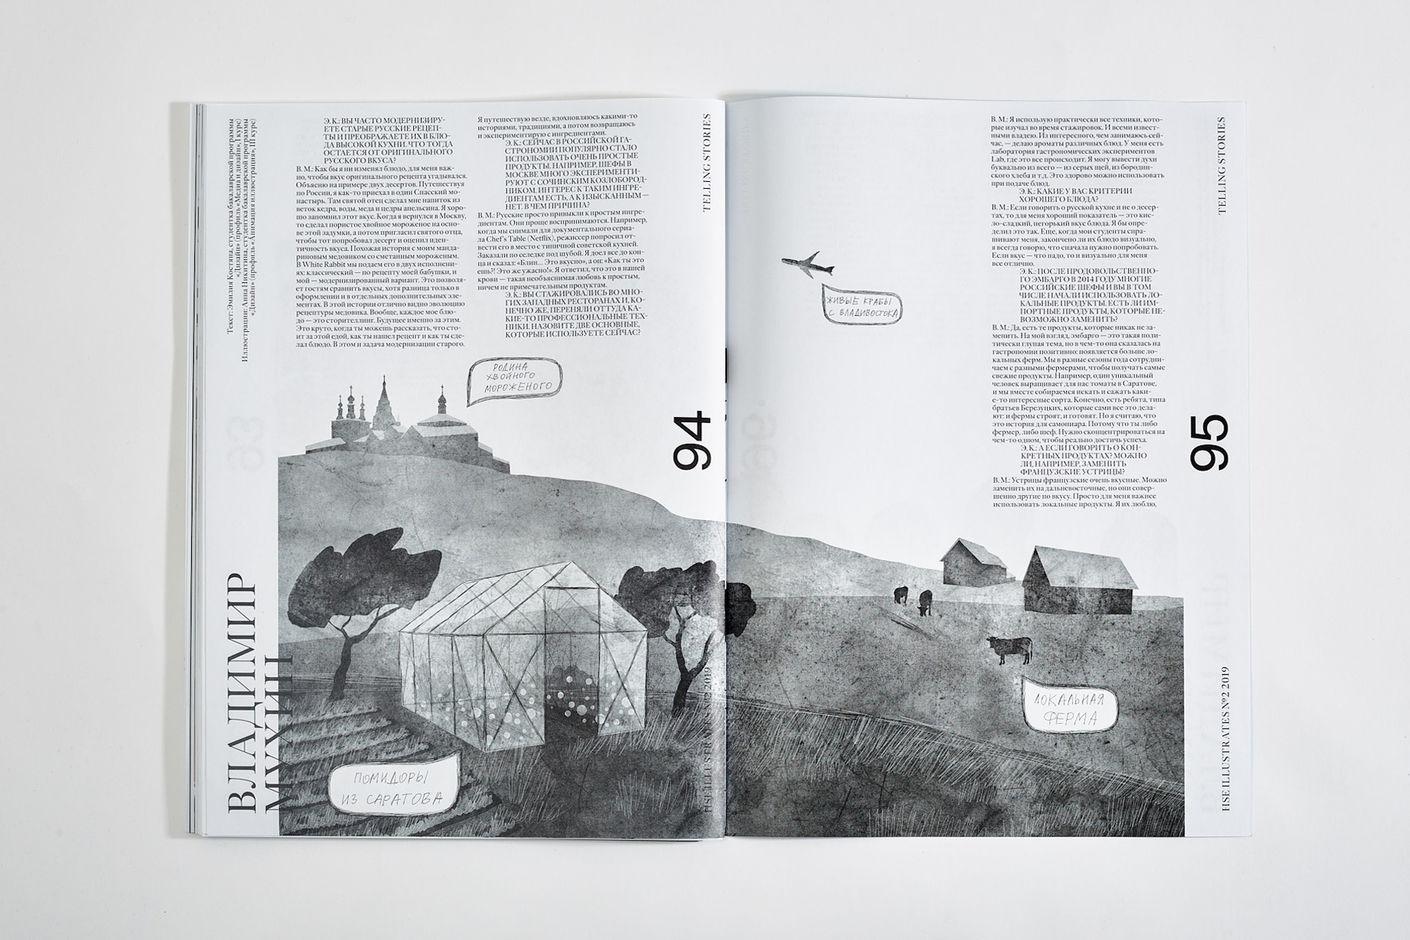 Иллюстрированное издание зин HSE illustrates от Школы дизайна НИУ ВШЭ. Лаборатория дизайна НИУ ВШЭ - hsedesignlab.ru